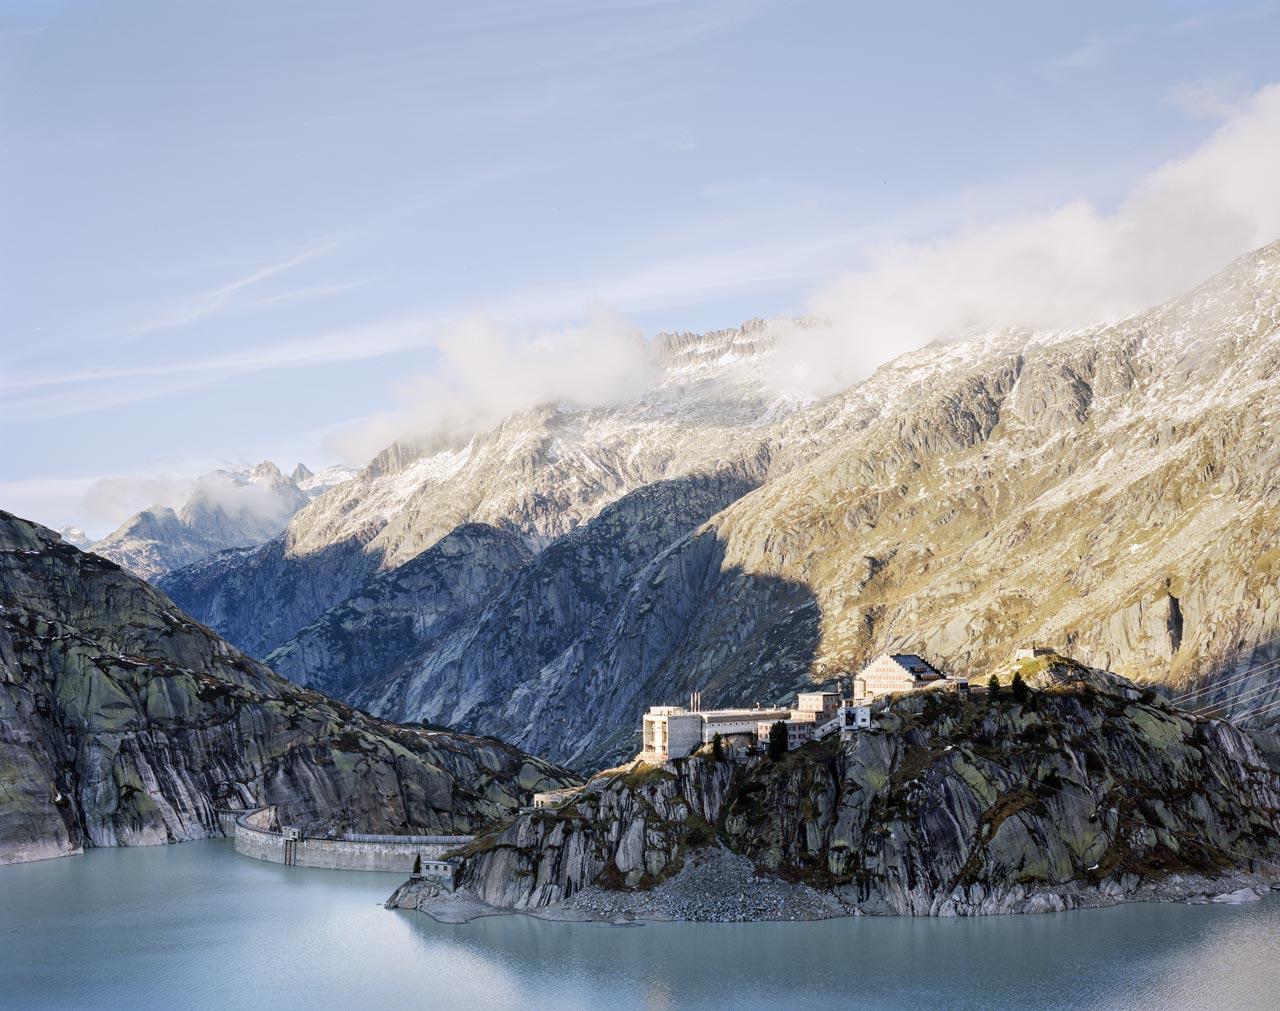 Grimselpass, Schweiz, 2013. Foto: Claudius Schulze